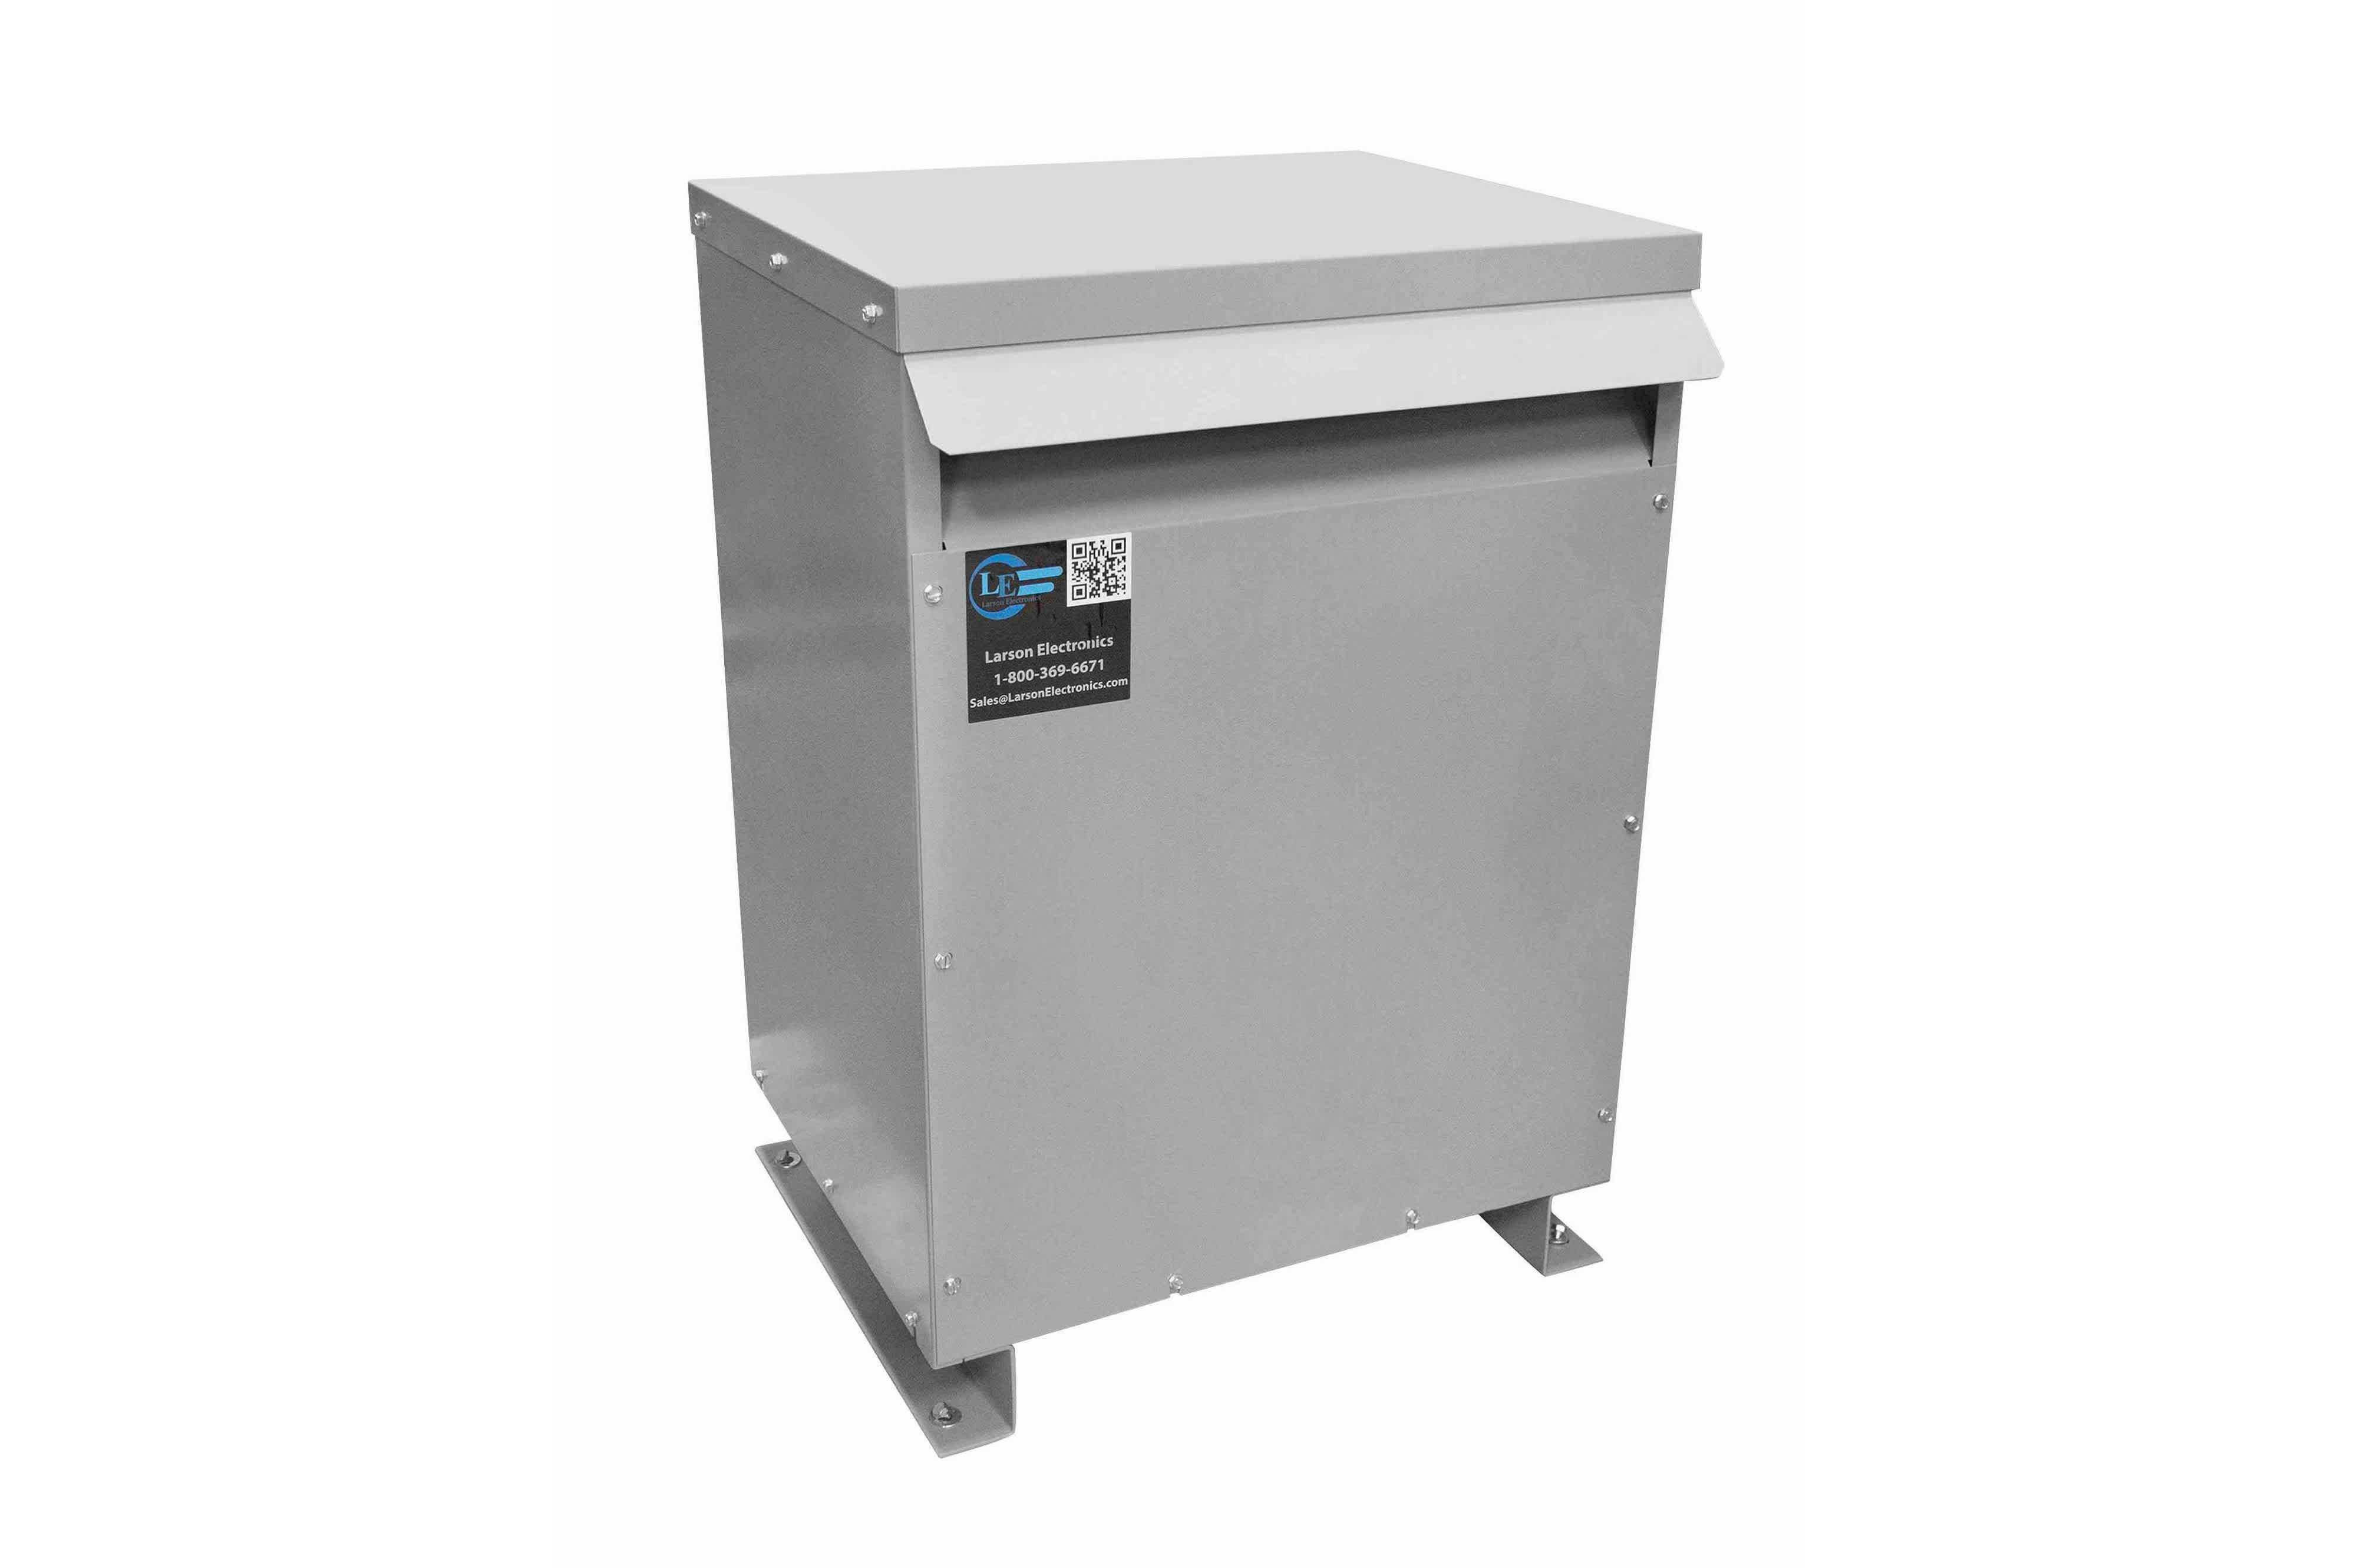 137.5 kVA 3PH Isolation Transformer, 208V Delta Primary, 600V Delta Secondary, N3R, Ventilated, 60 Hz